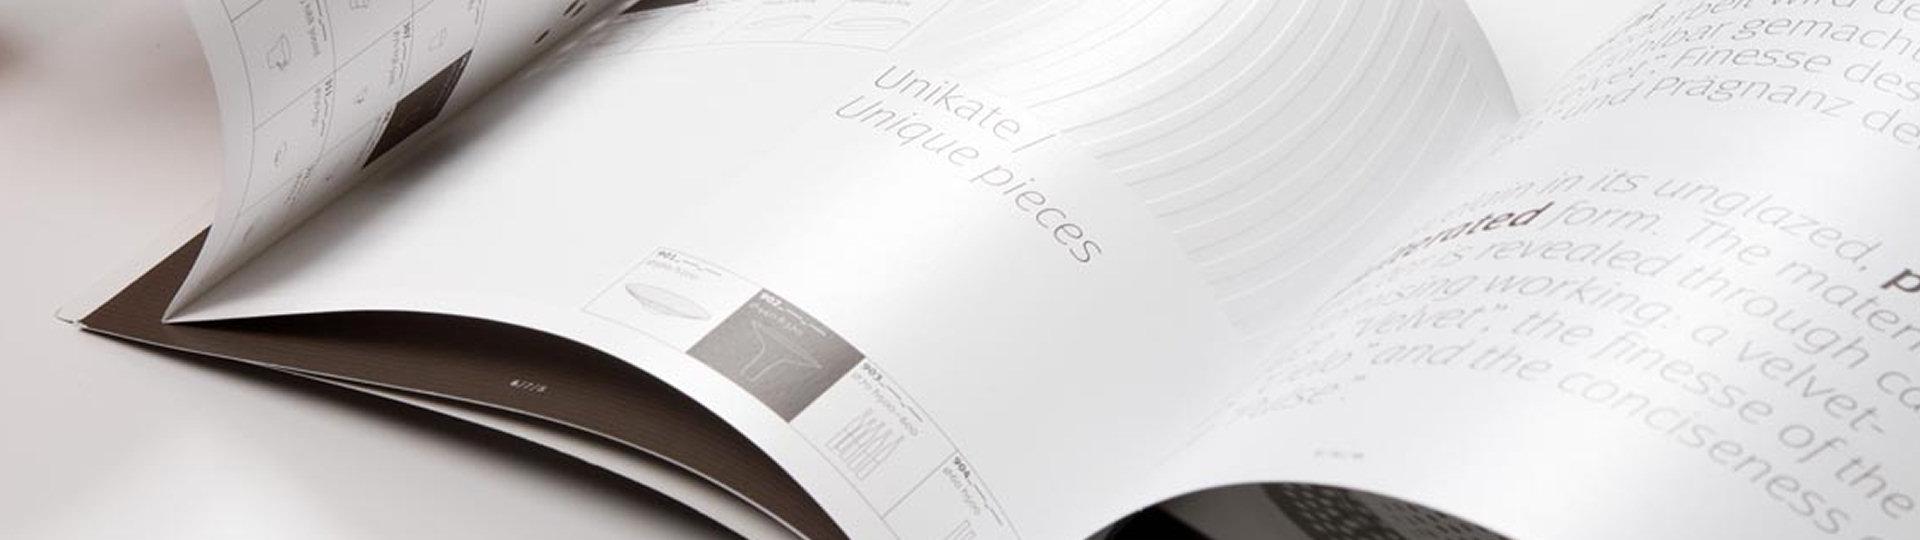 Realizzazione di Cataloghi, brochure e riviste